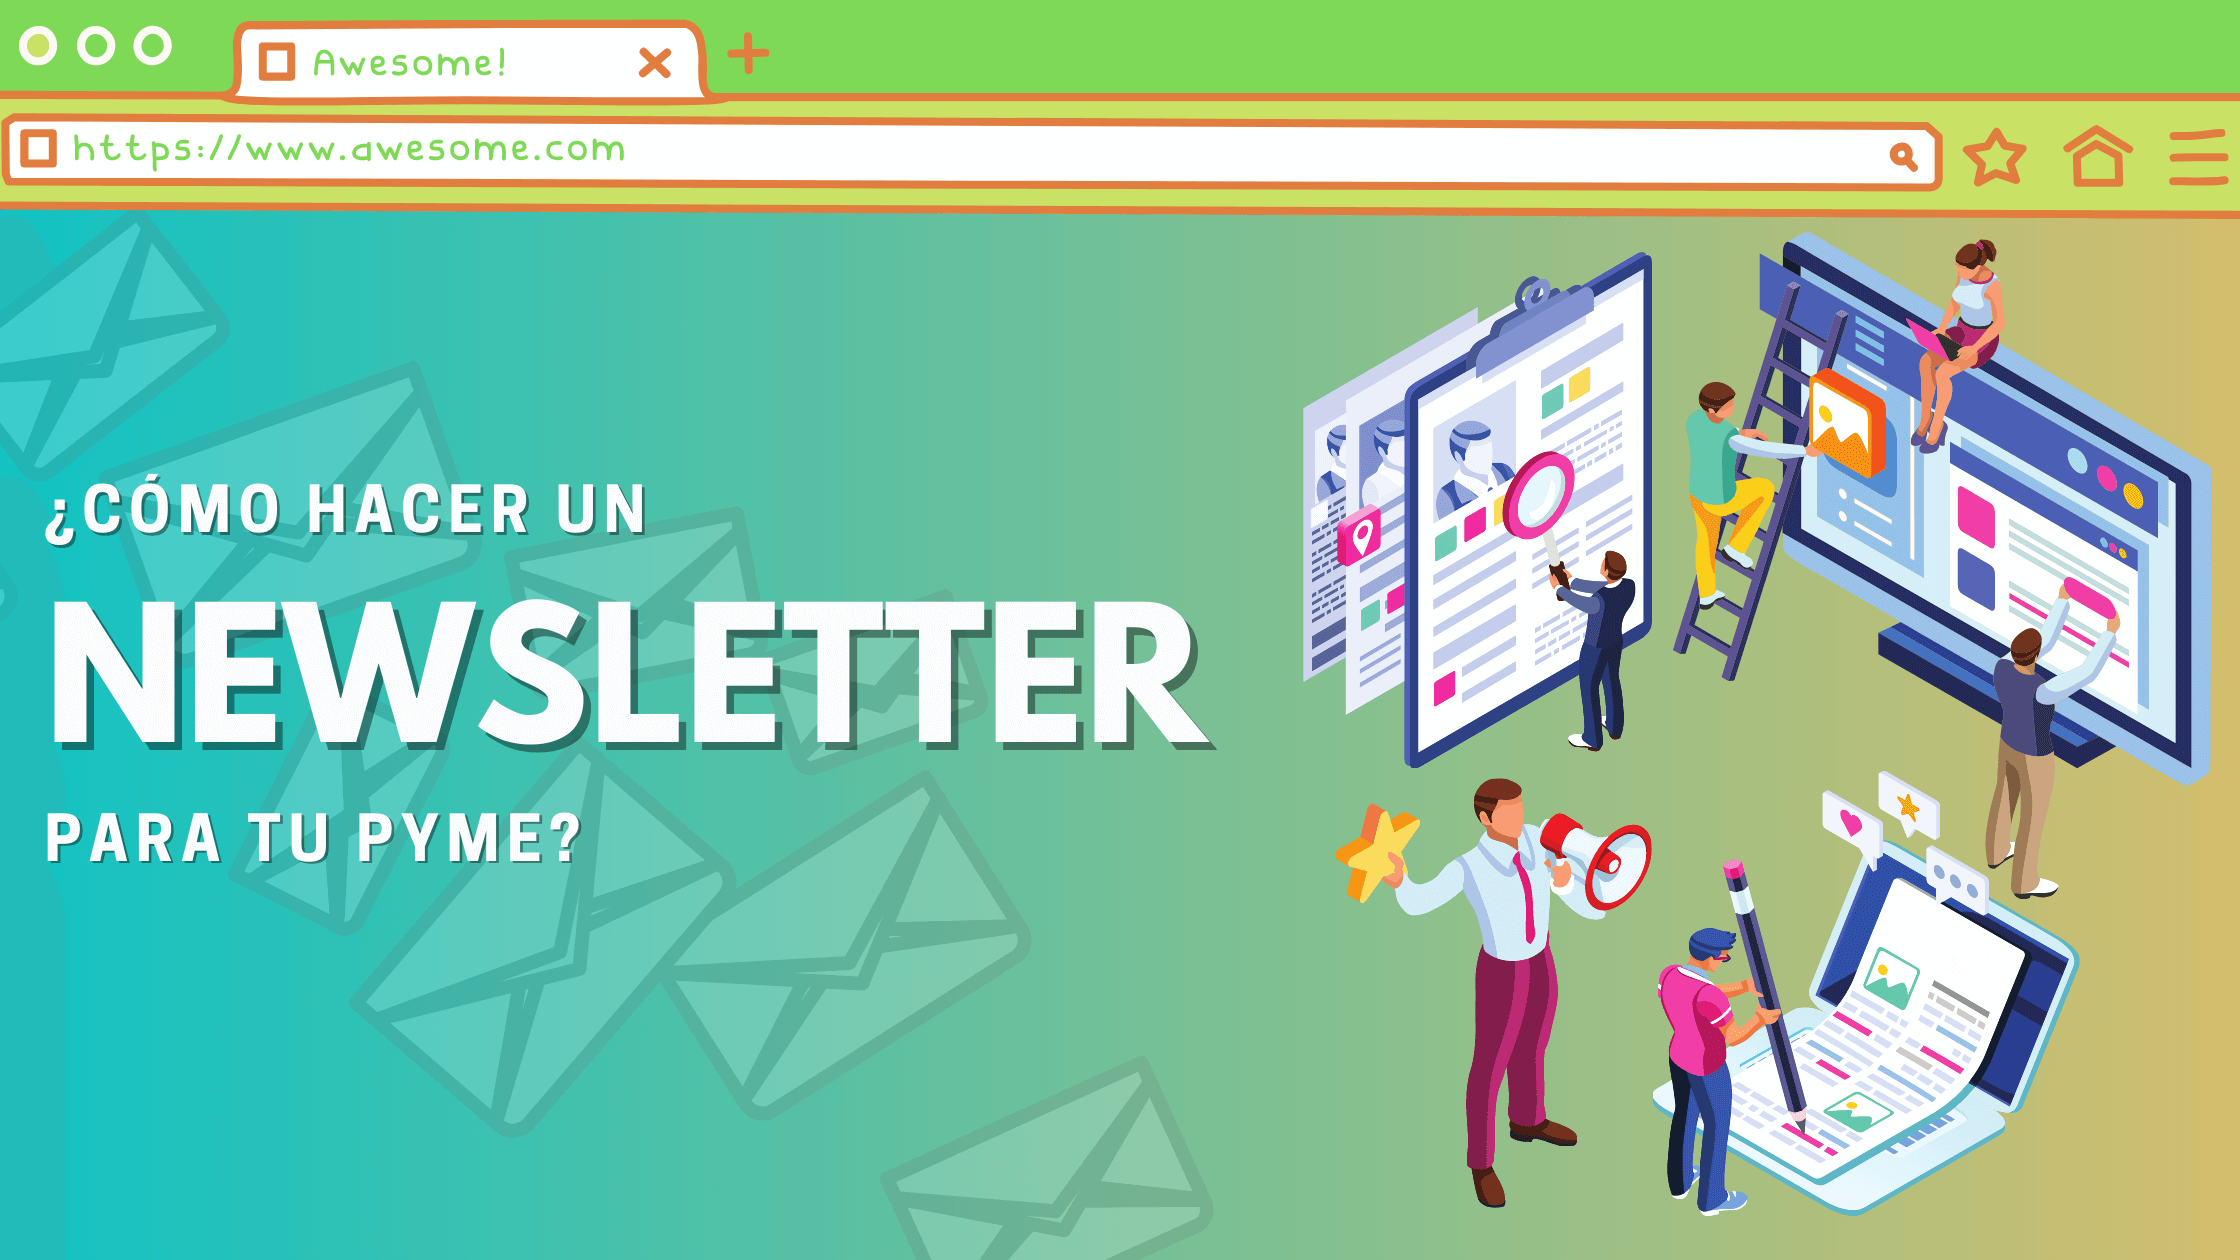 ¿Cómo hacer una newsletter para tu pyme?